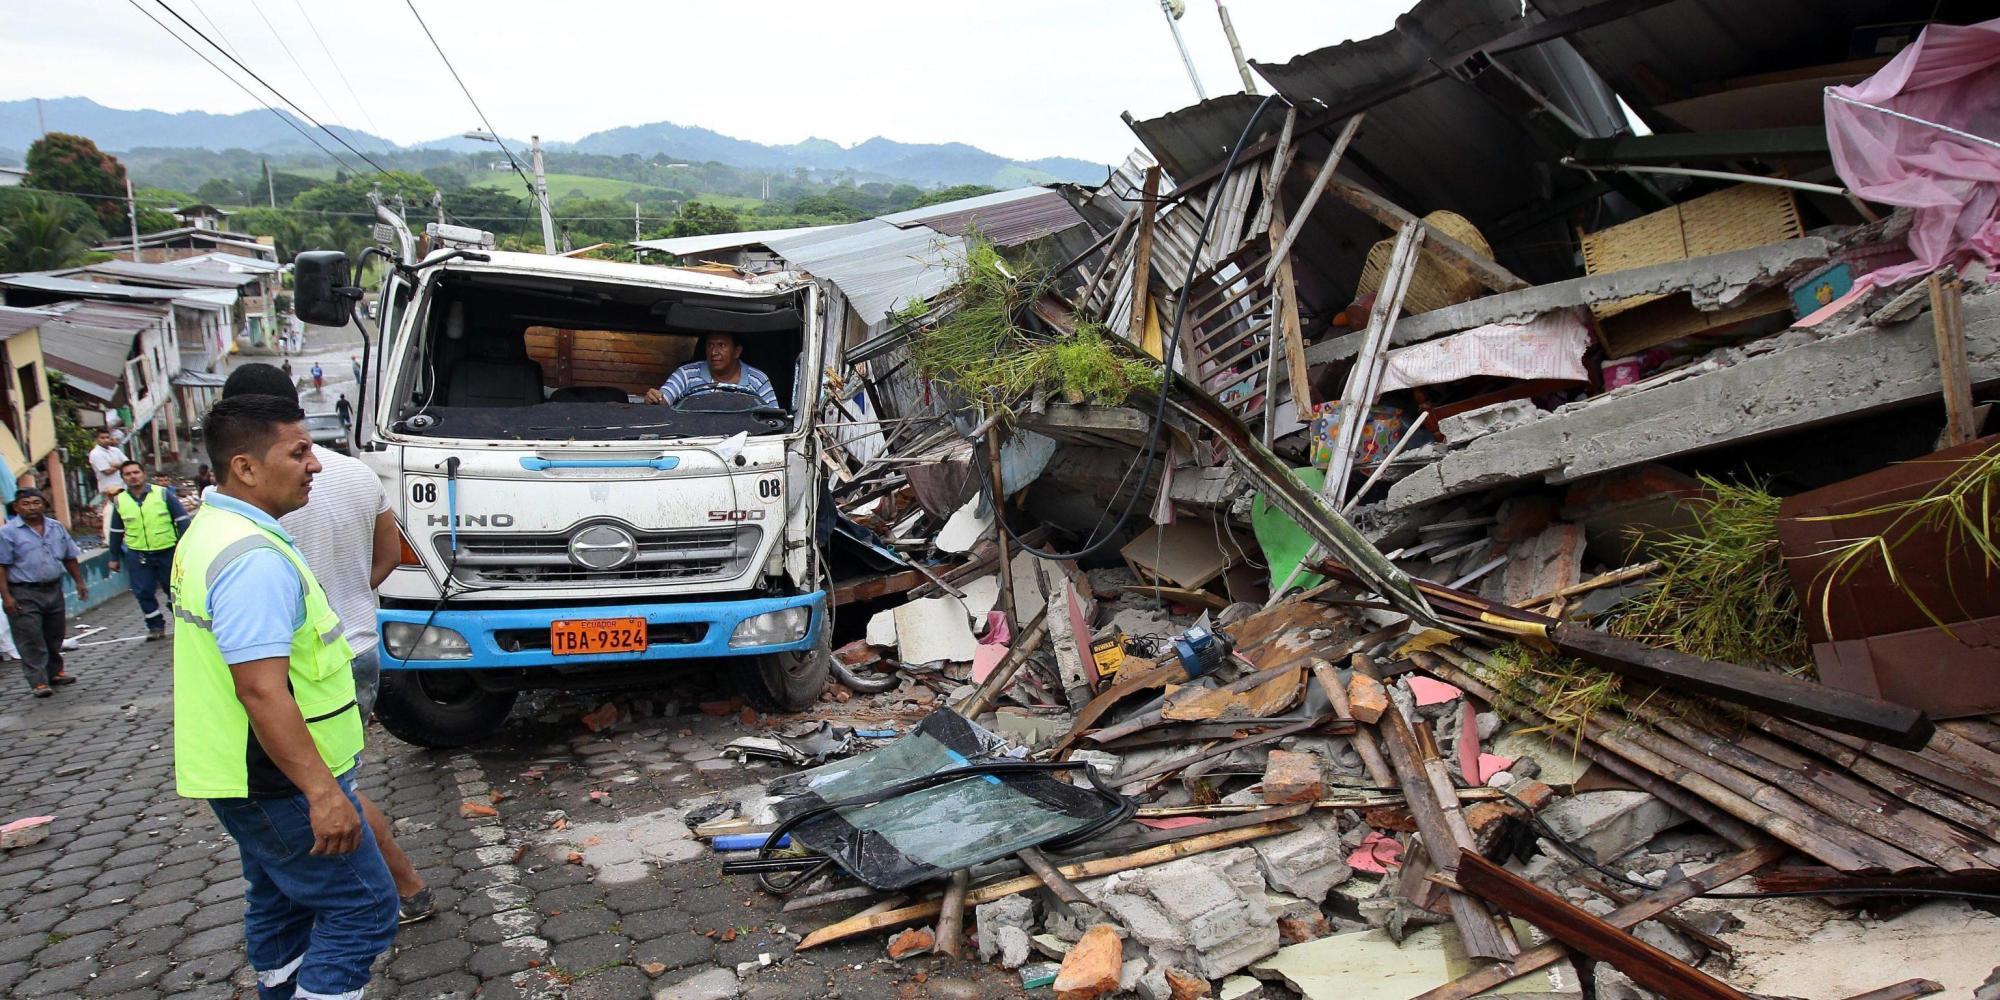 Seis meses después del terremoto, más de 300.000 ecuatorianos necesitan vivienda segura